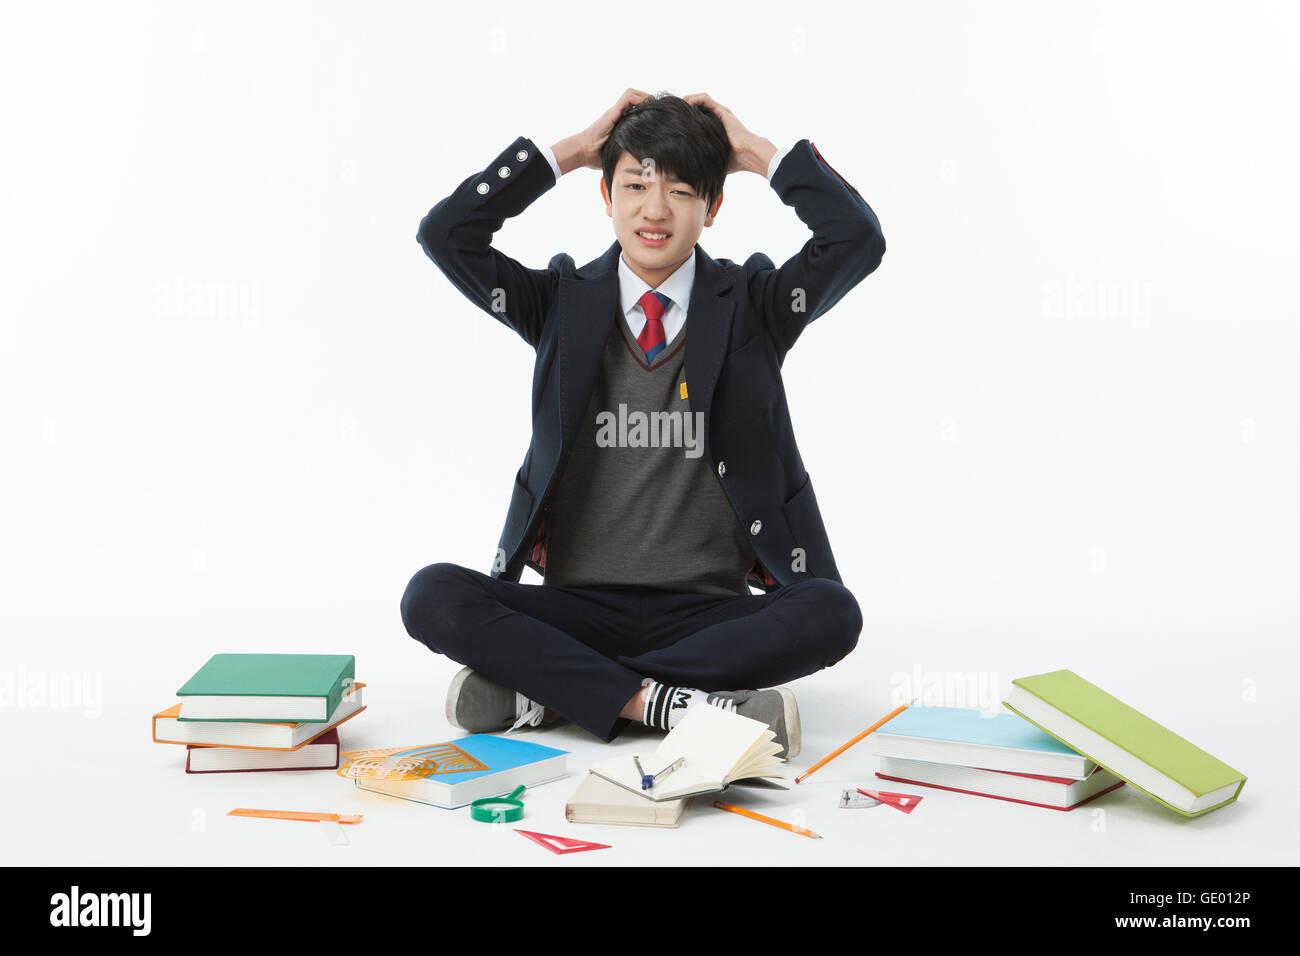 Escuela estresante muchacho sentado con libros Imagen De Stock